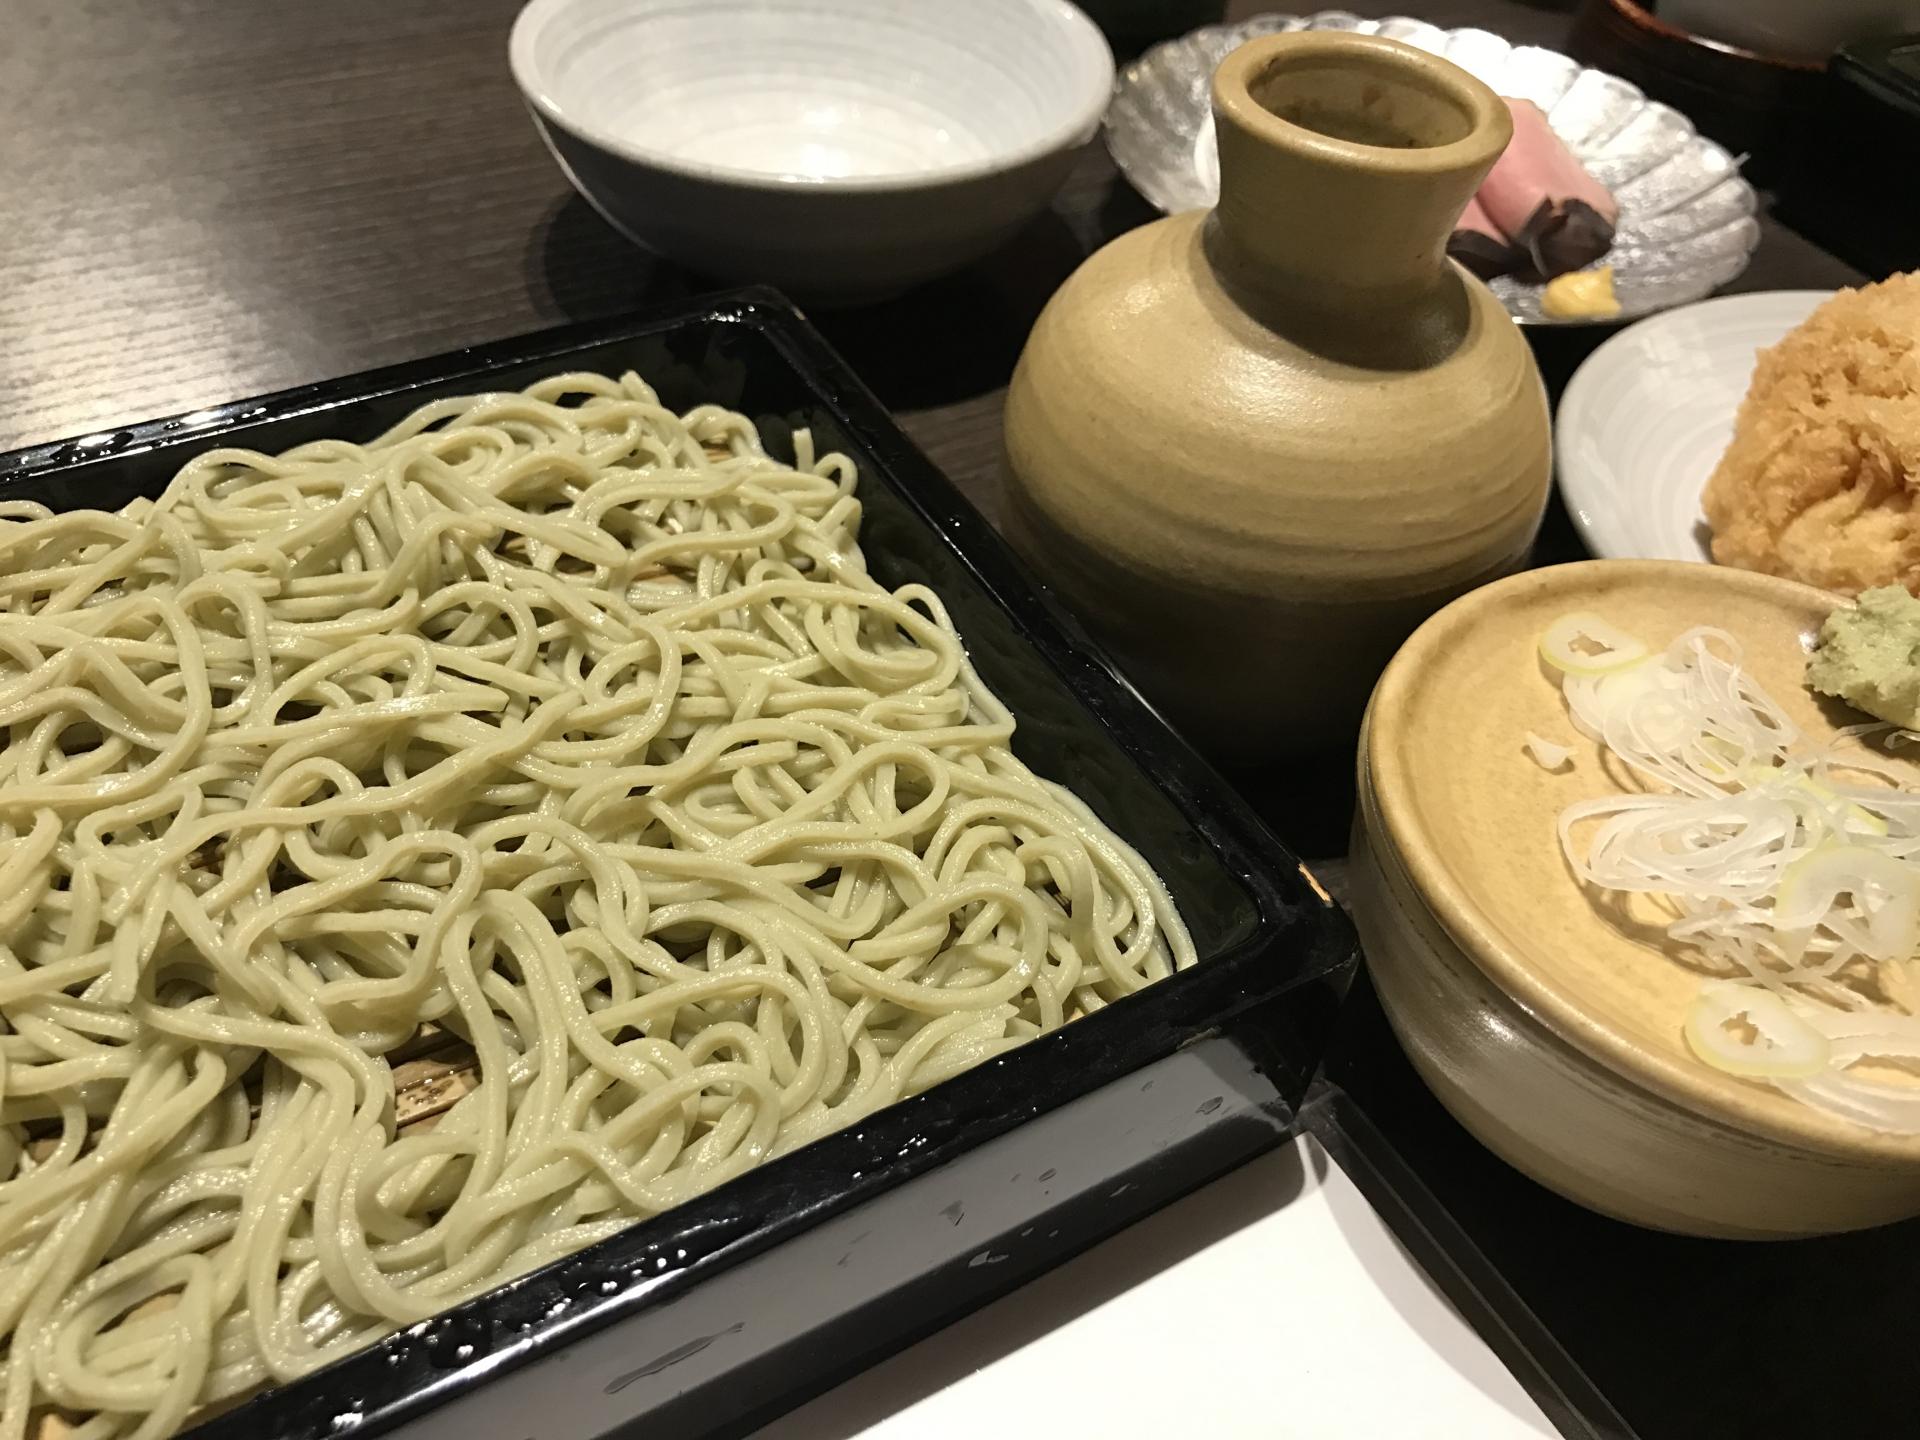 神田の蕎麦屋ランキングTOP17!有名老舗などおすすめ店を厳選してご紹介!